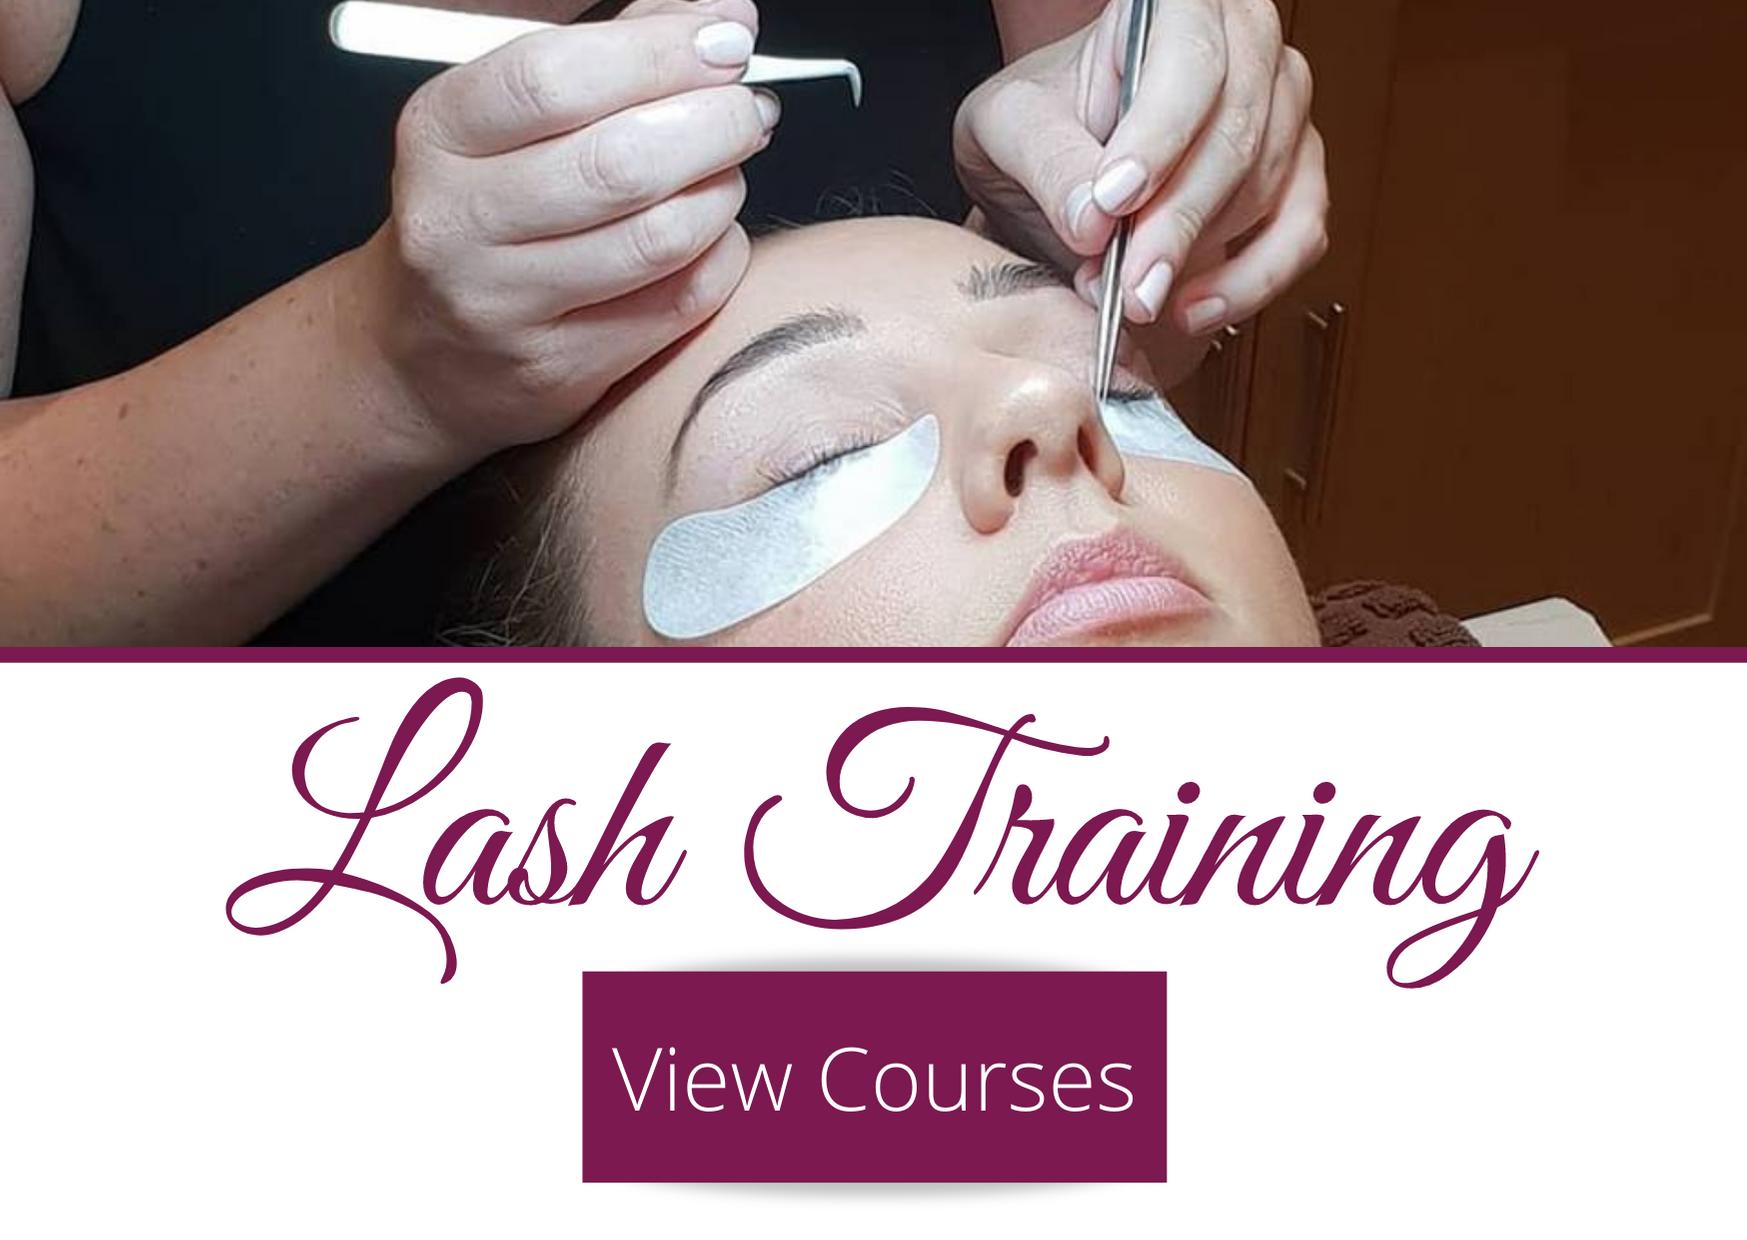 Lash Training Header